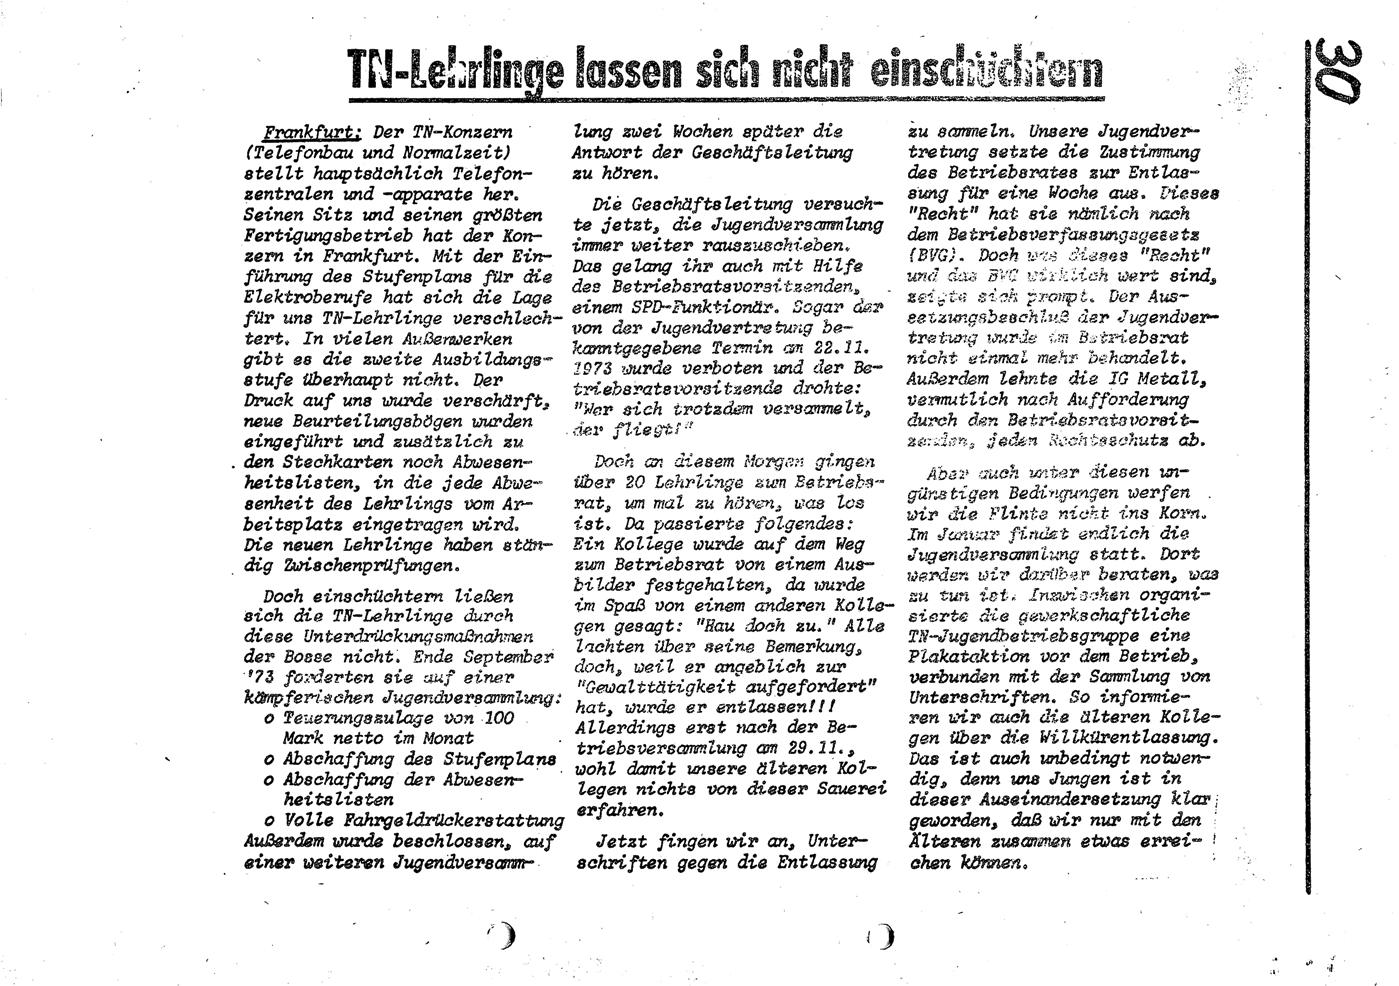 KABRW_Arbeitshefte_1977_25_029